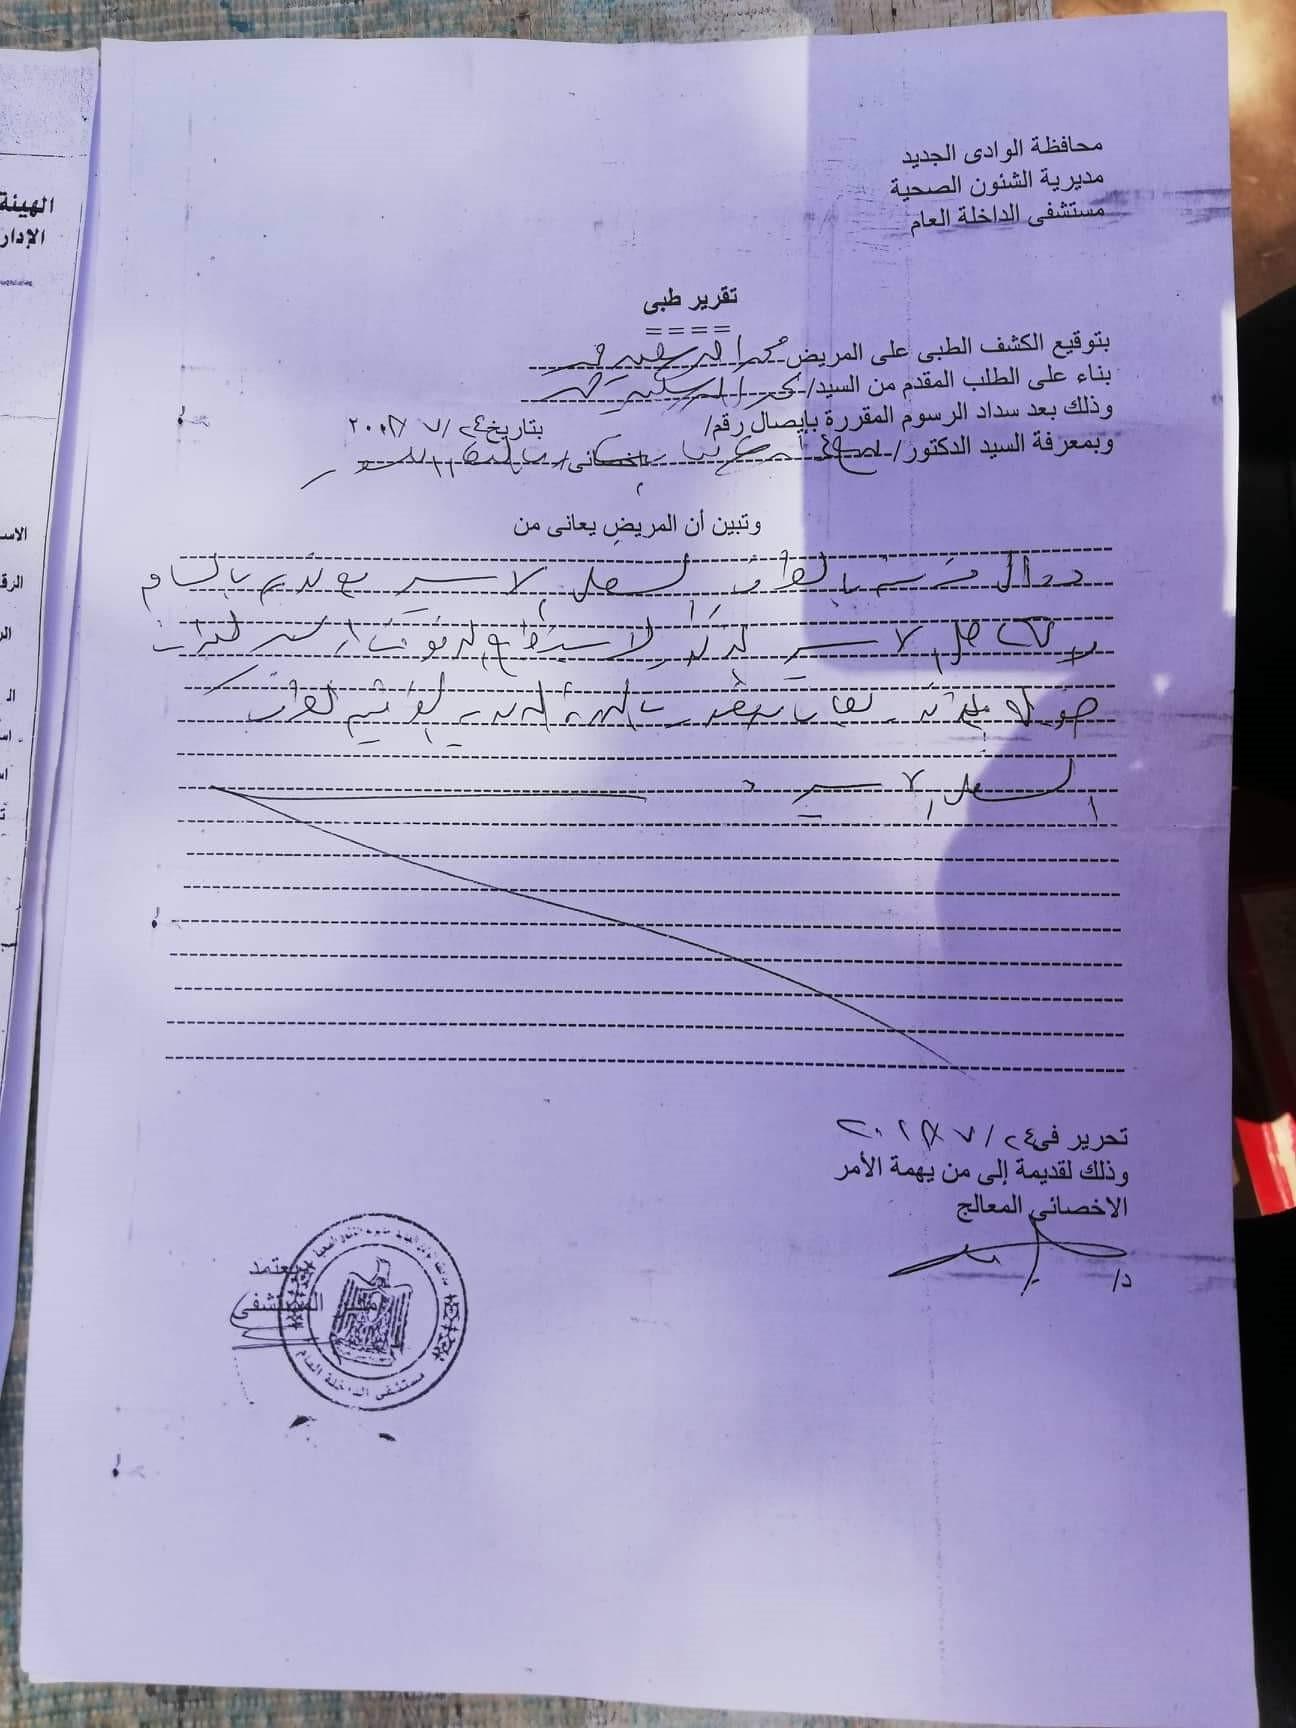 محمد أحمد سعيد شاب من أهالى مدينة موط بالداخلة (3)